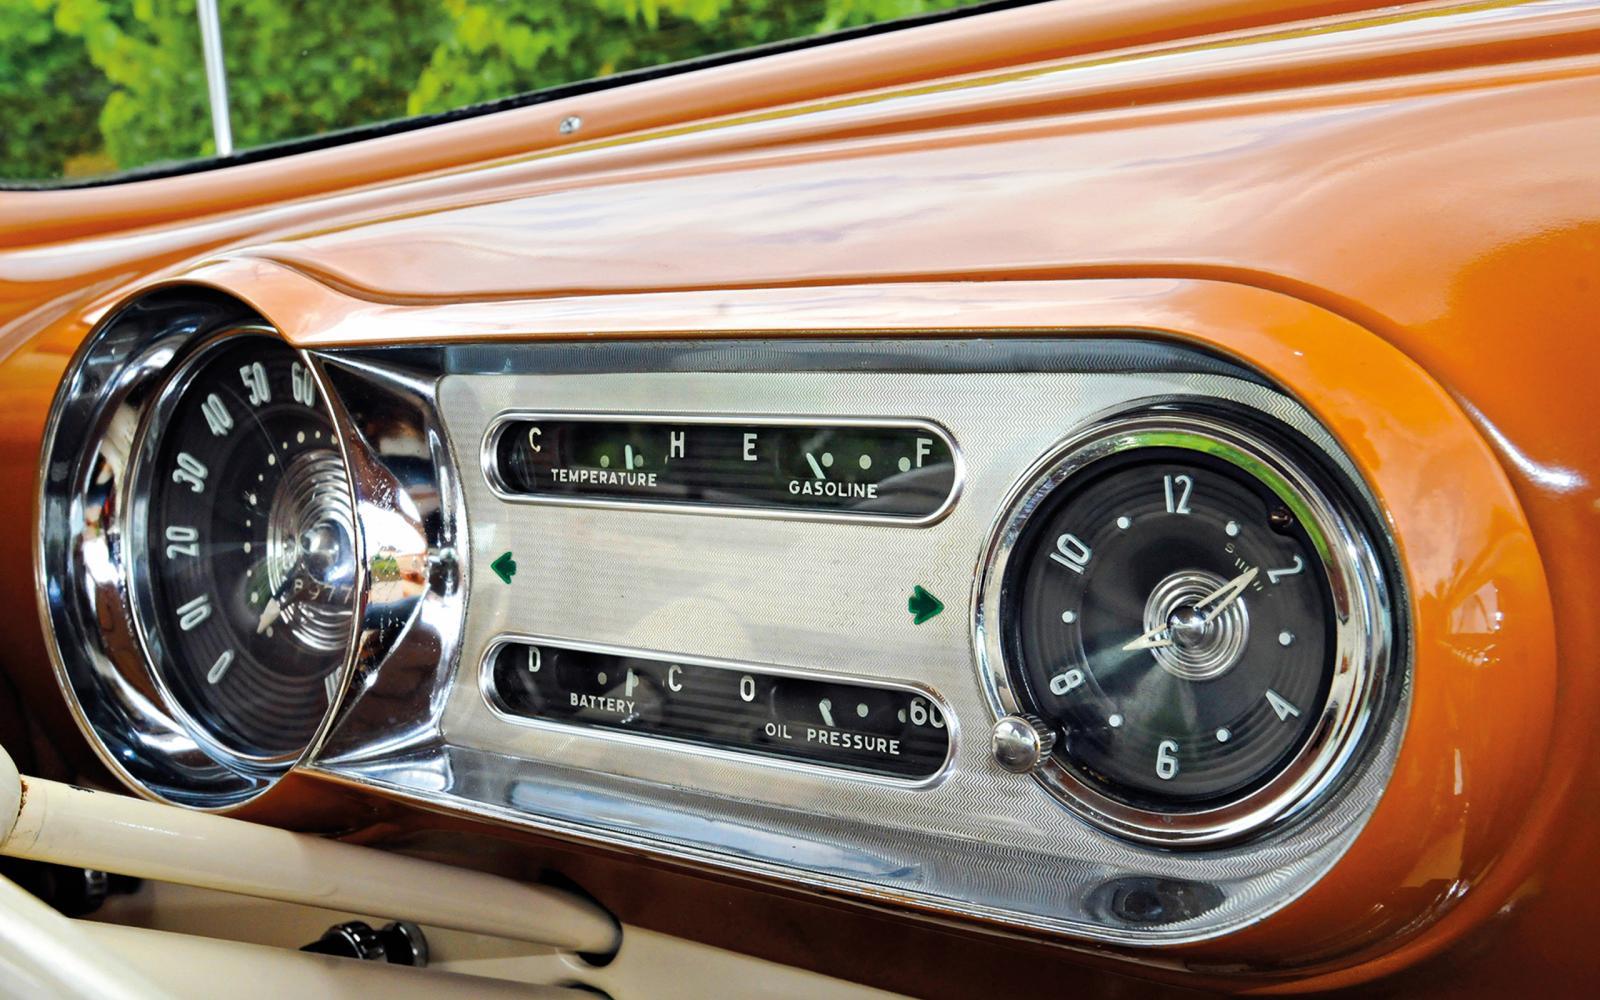 Chevrolet Bel AIr is jukebox op wielen